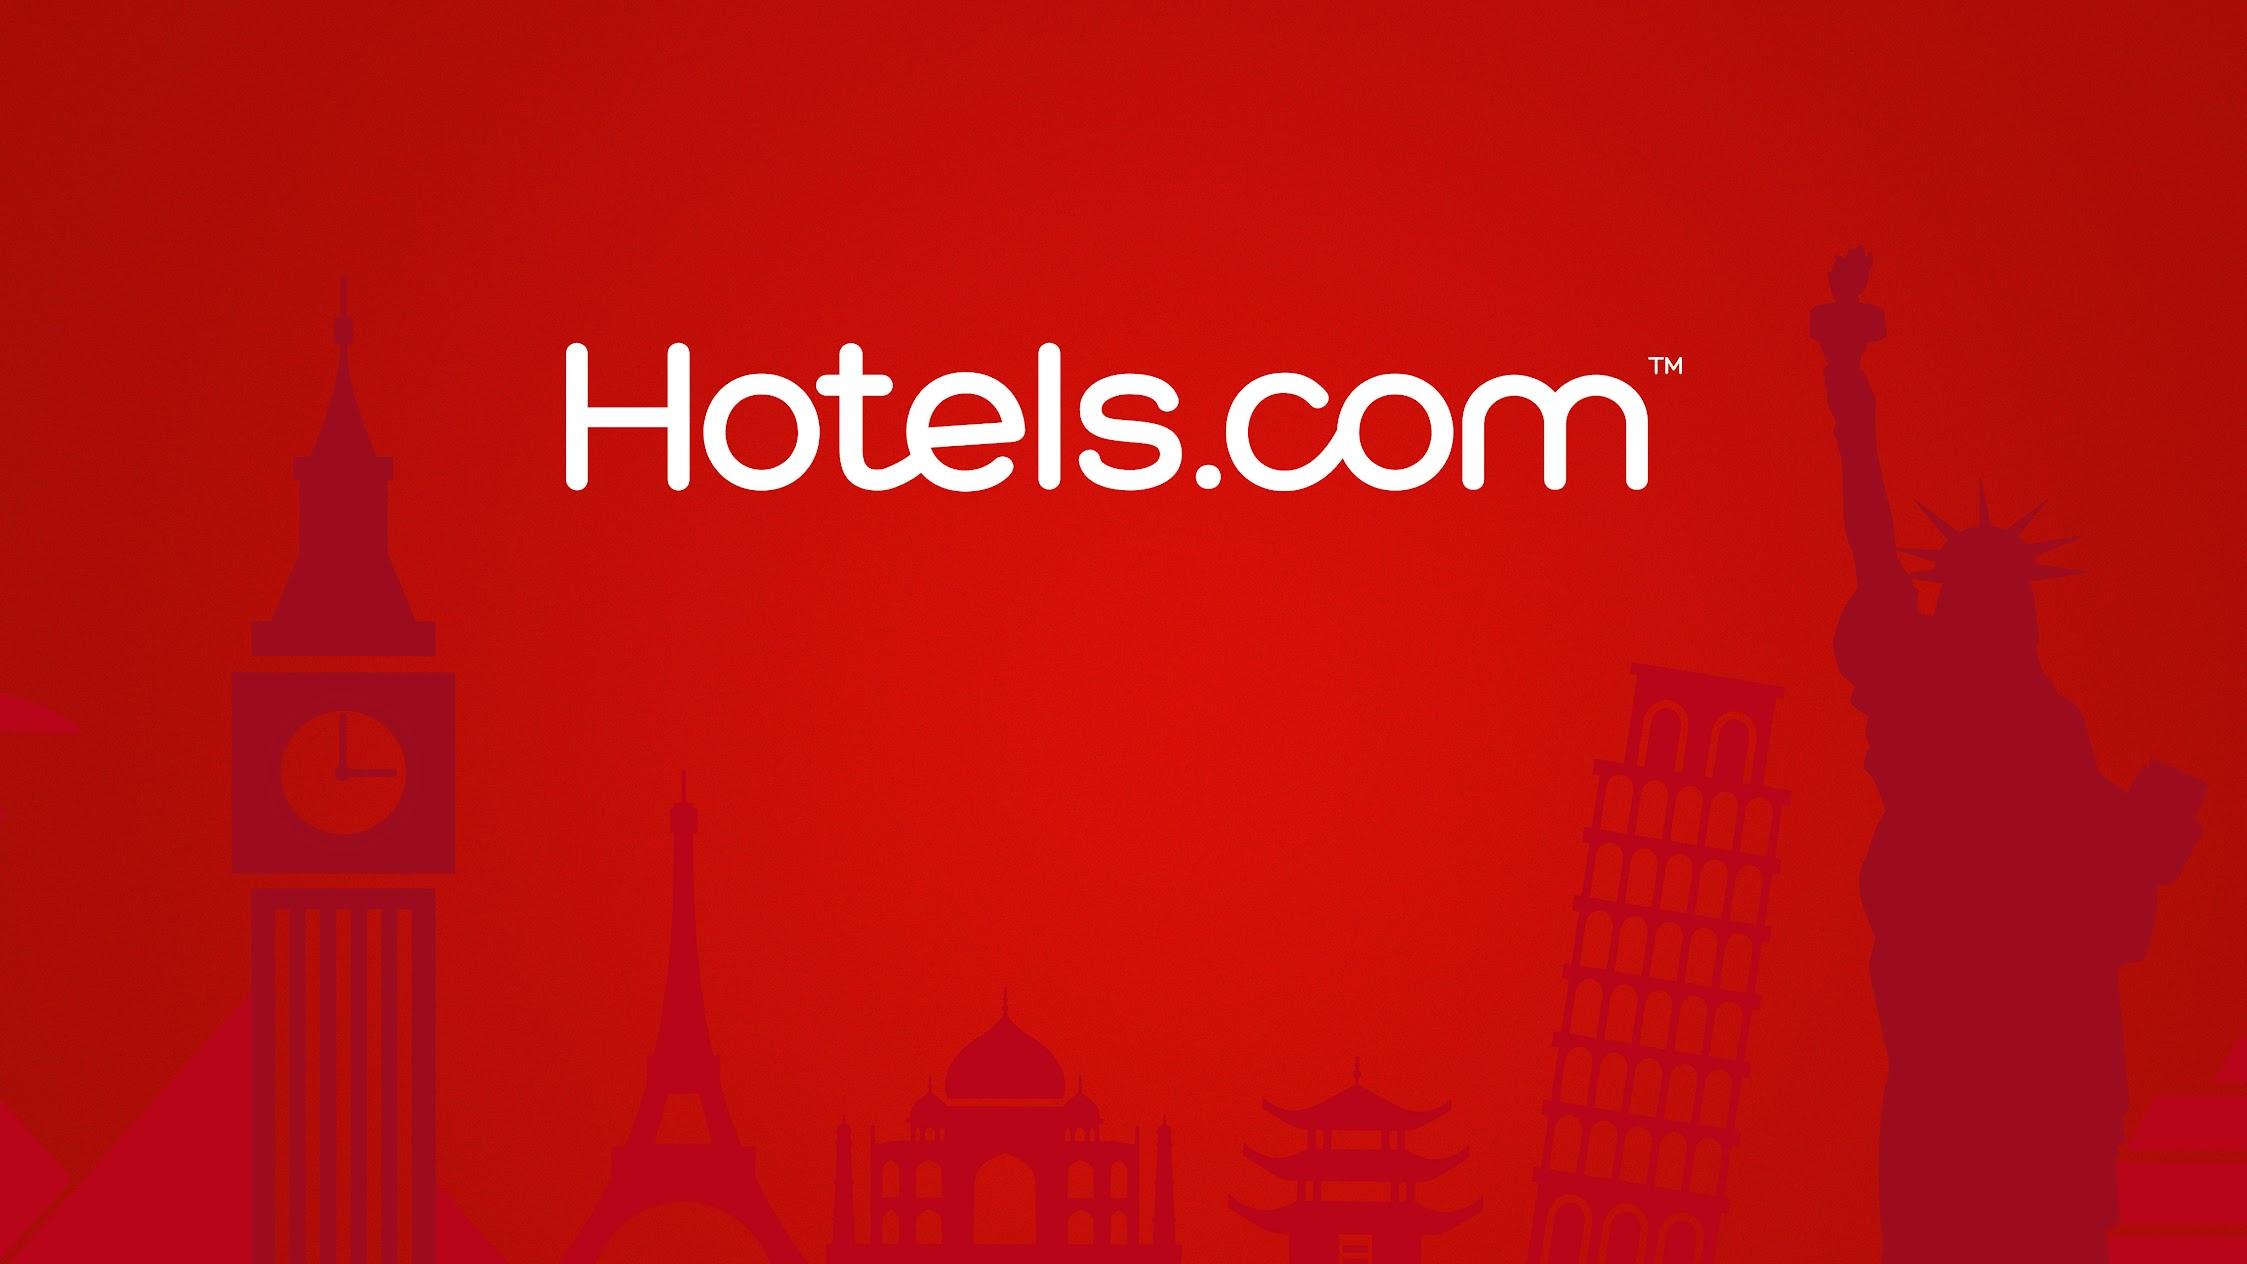 Hotels.com LP